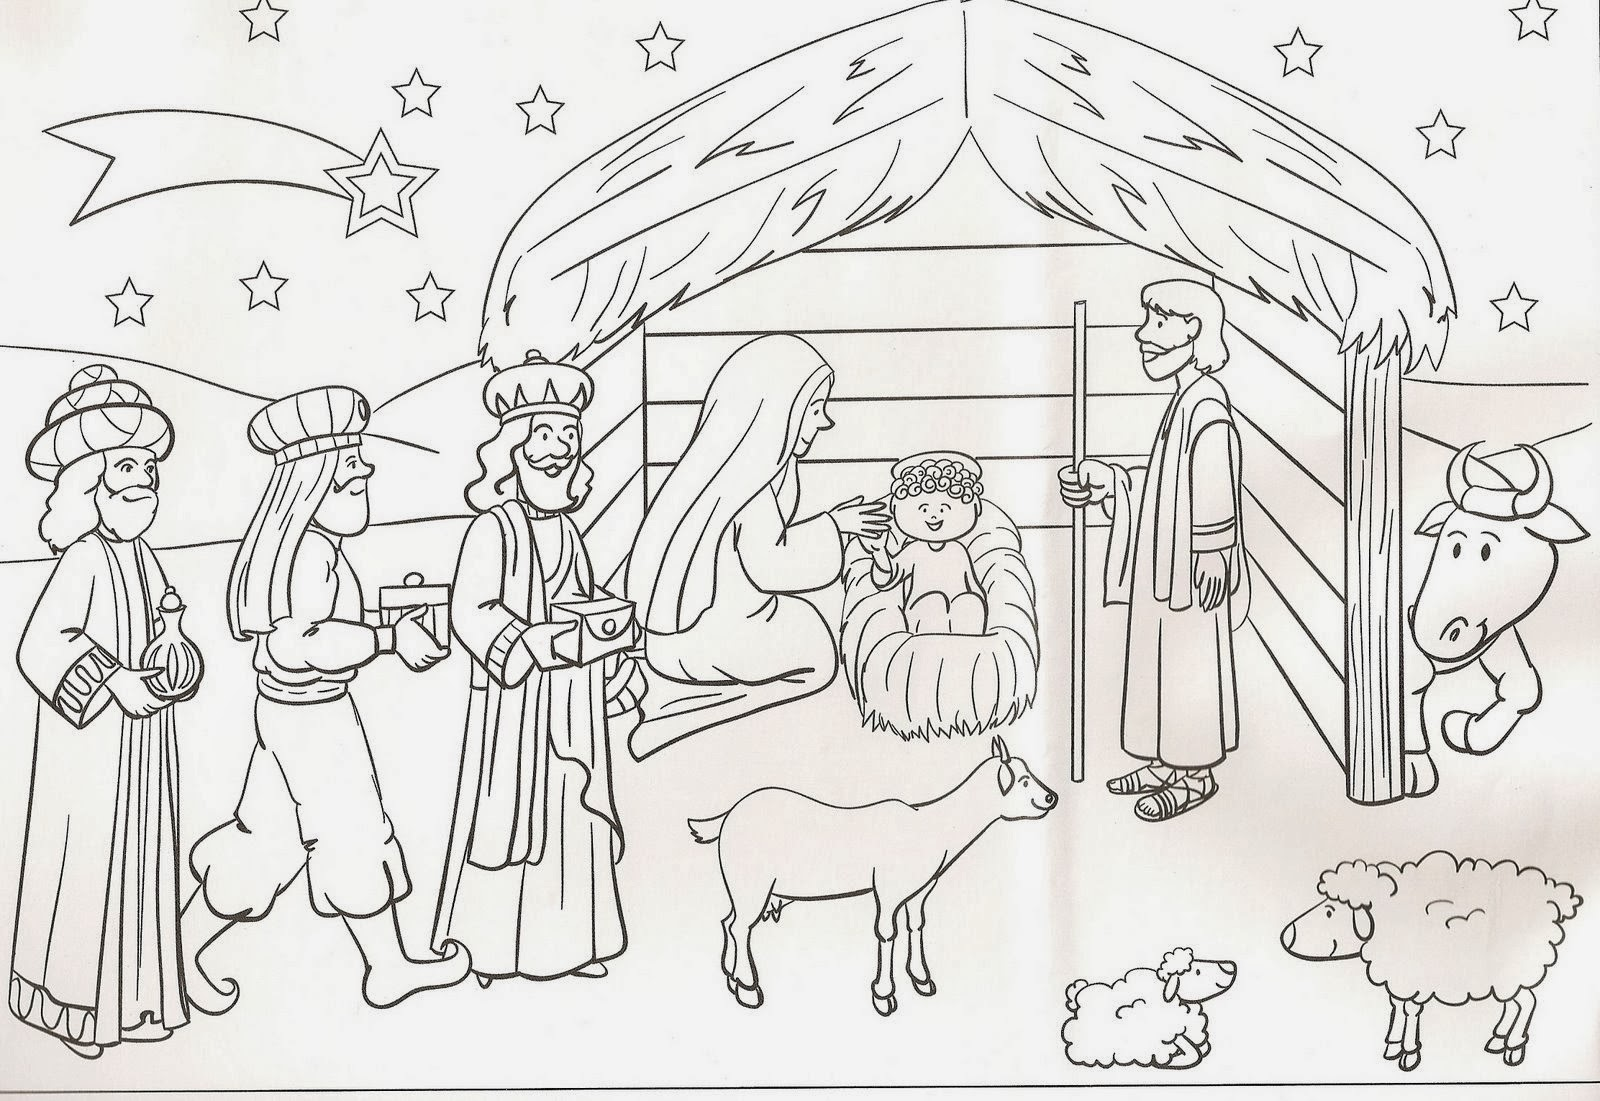 Desenhos+para+colorir+sobre+o+natal+-+Evang%C3%A9lico.jpg